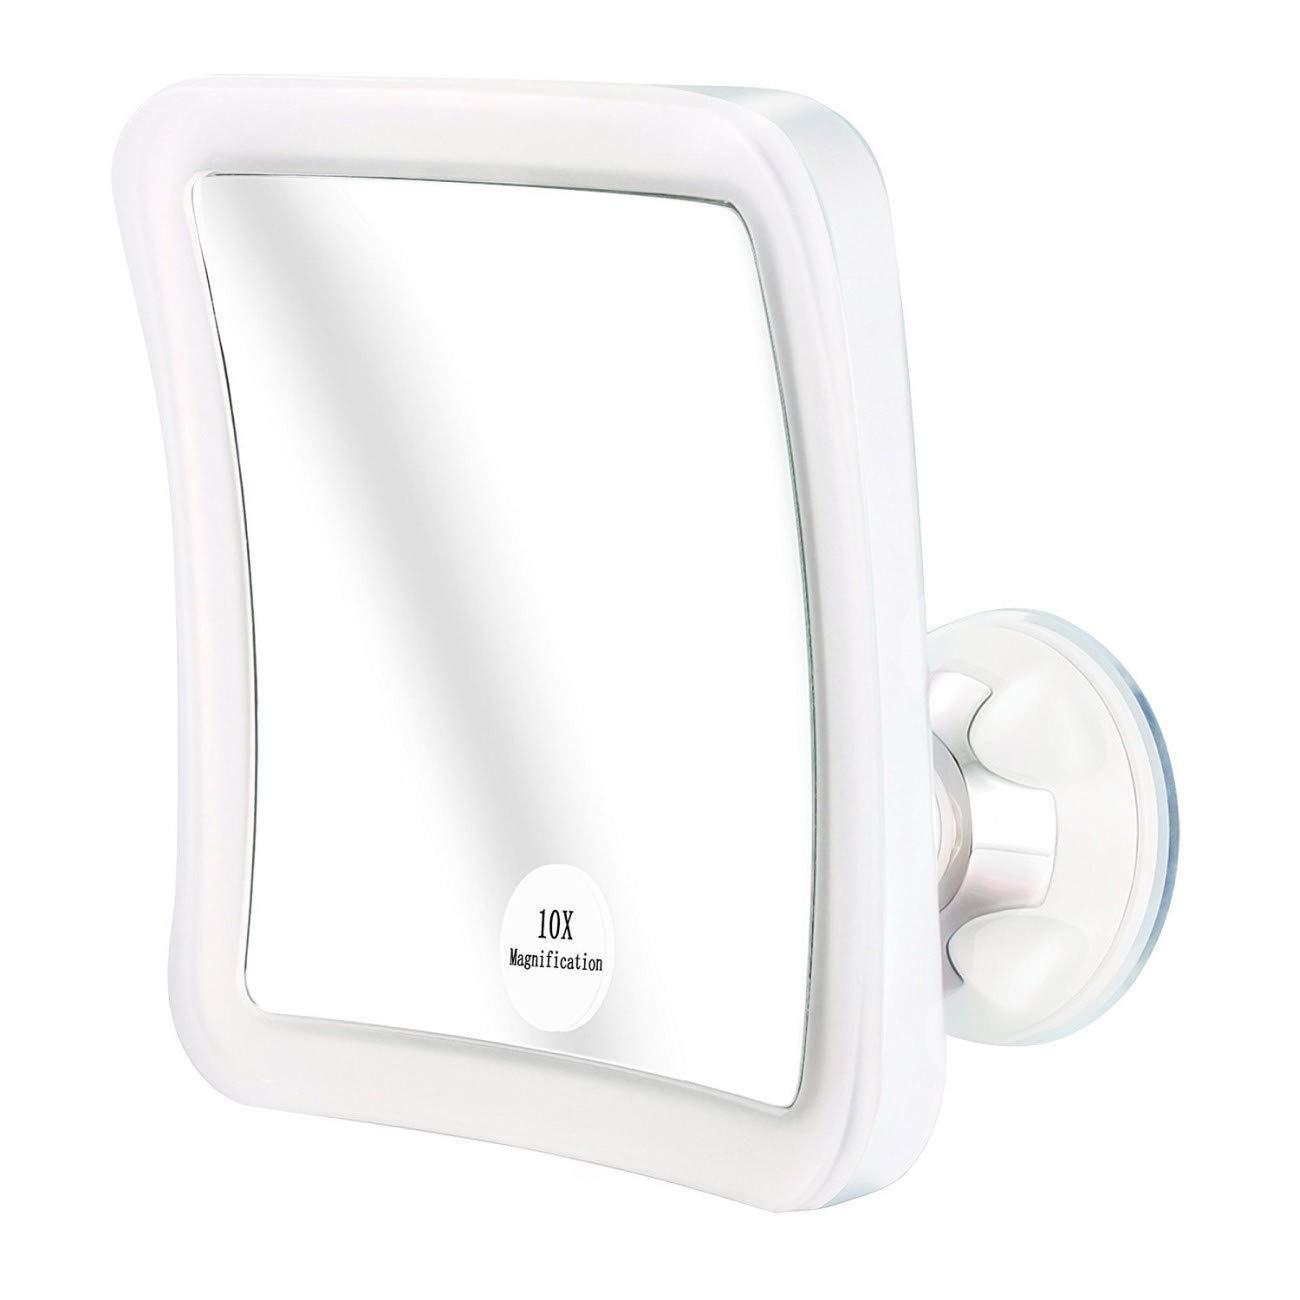 Espejo Maquillaje Cosmético con Aumento de 10x con Giro de 360 ° y Soporte  de Ventosa f1d69e03c2f8